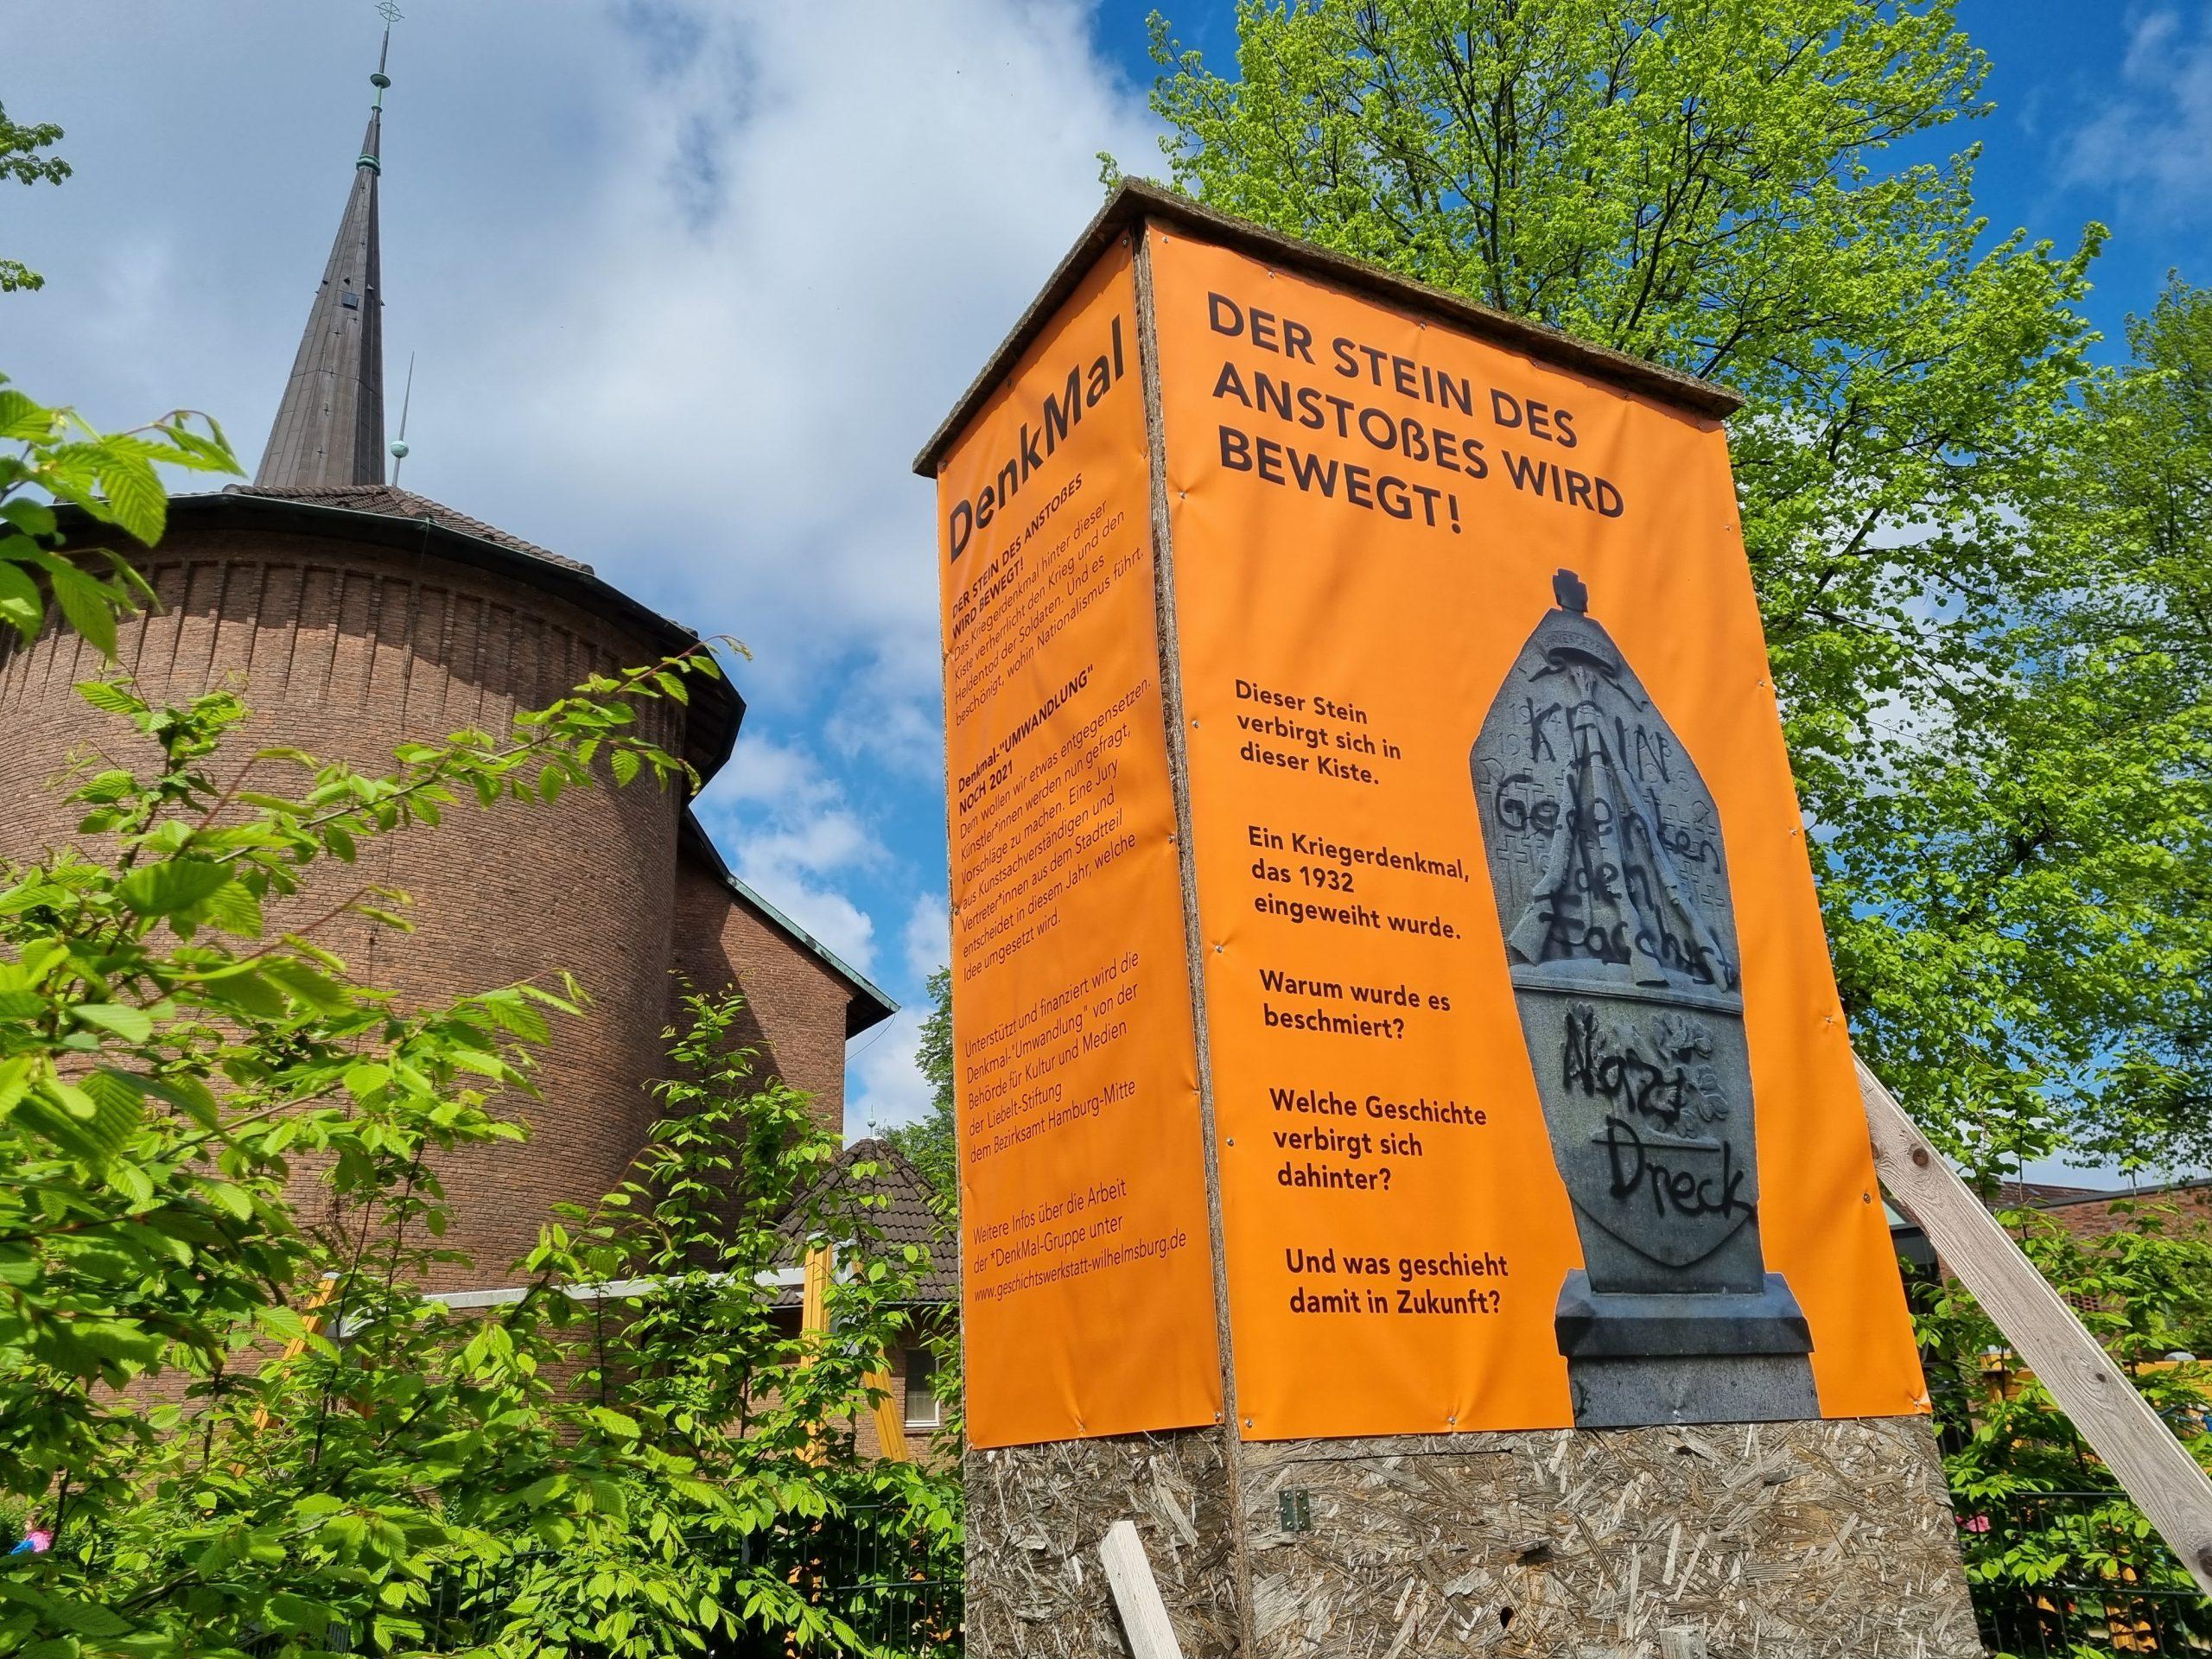 Bereits seit mehreren Jahren ist das umstrittene Kriegerdenkmal hinter einer Holzkiste versteckt. Nun soll es künstlerisch kommentiert werden. Foto: au